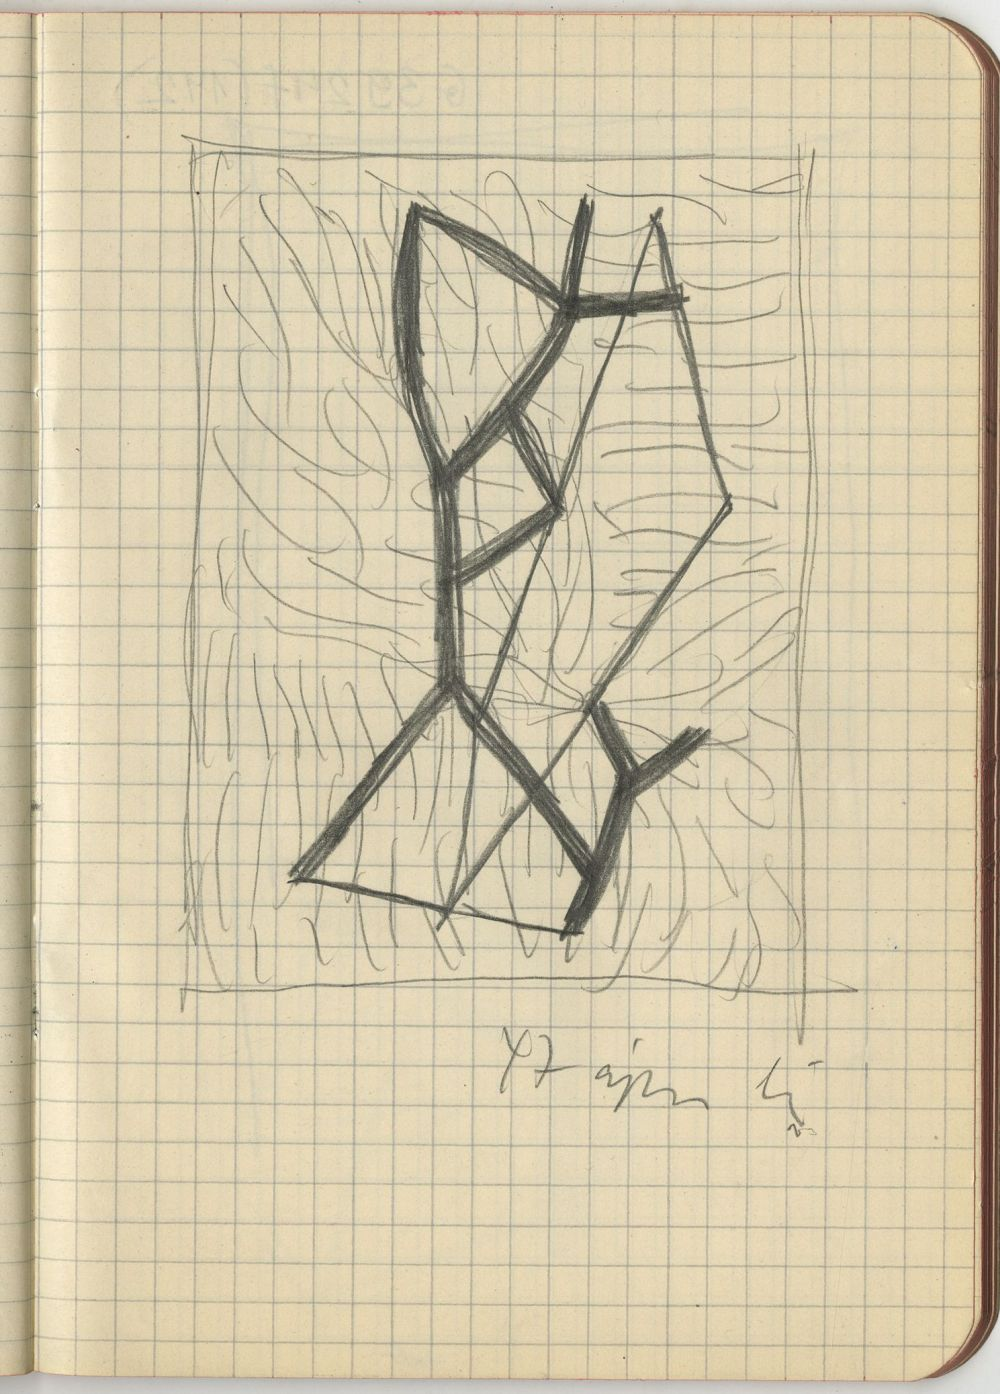 G39247(142)<br/><b>Cím:</b> Cím nélkül<br/><b>Méret (cm):</b> 17x12<br/><b>Készült:</b> 1947.<br/><b>Technika:</b> ceruza<br/>